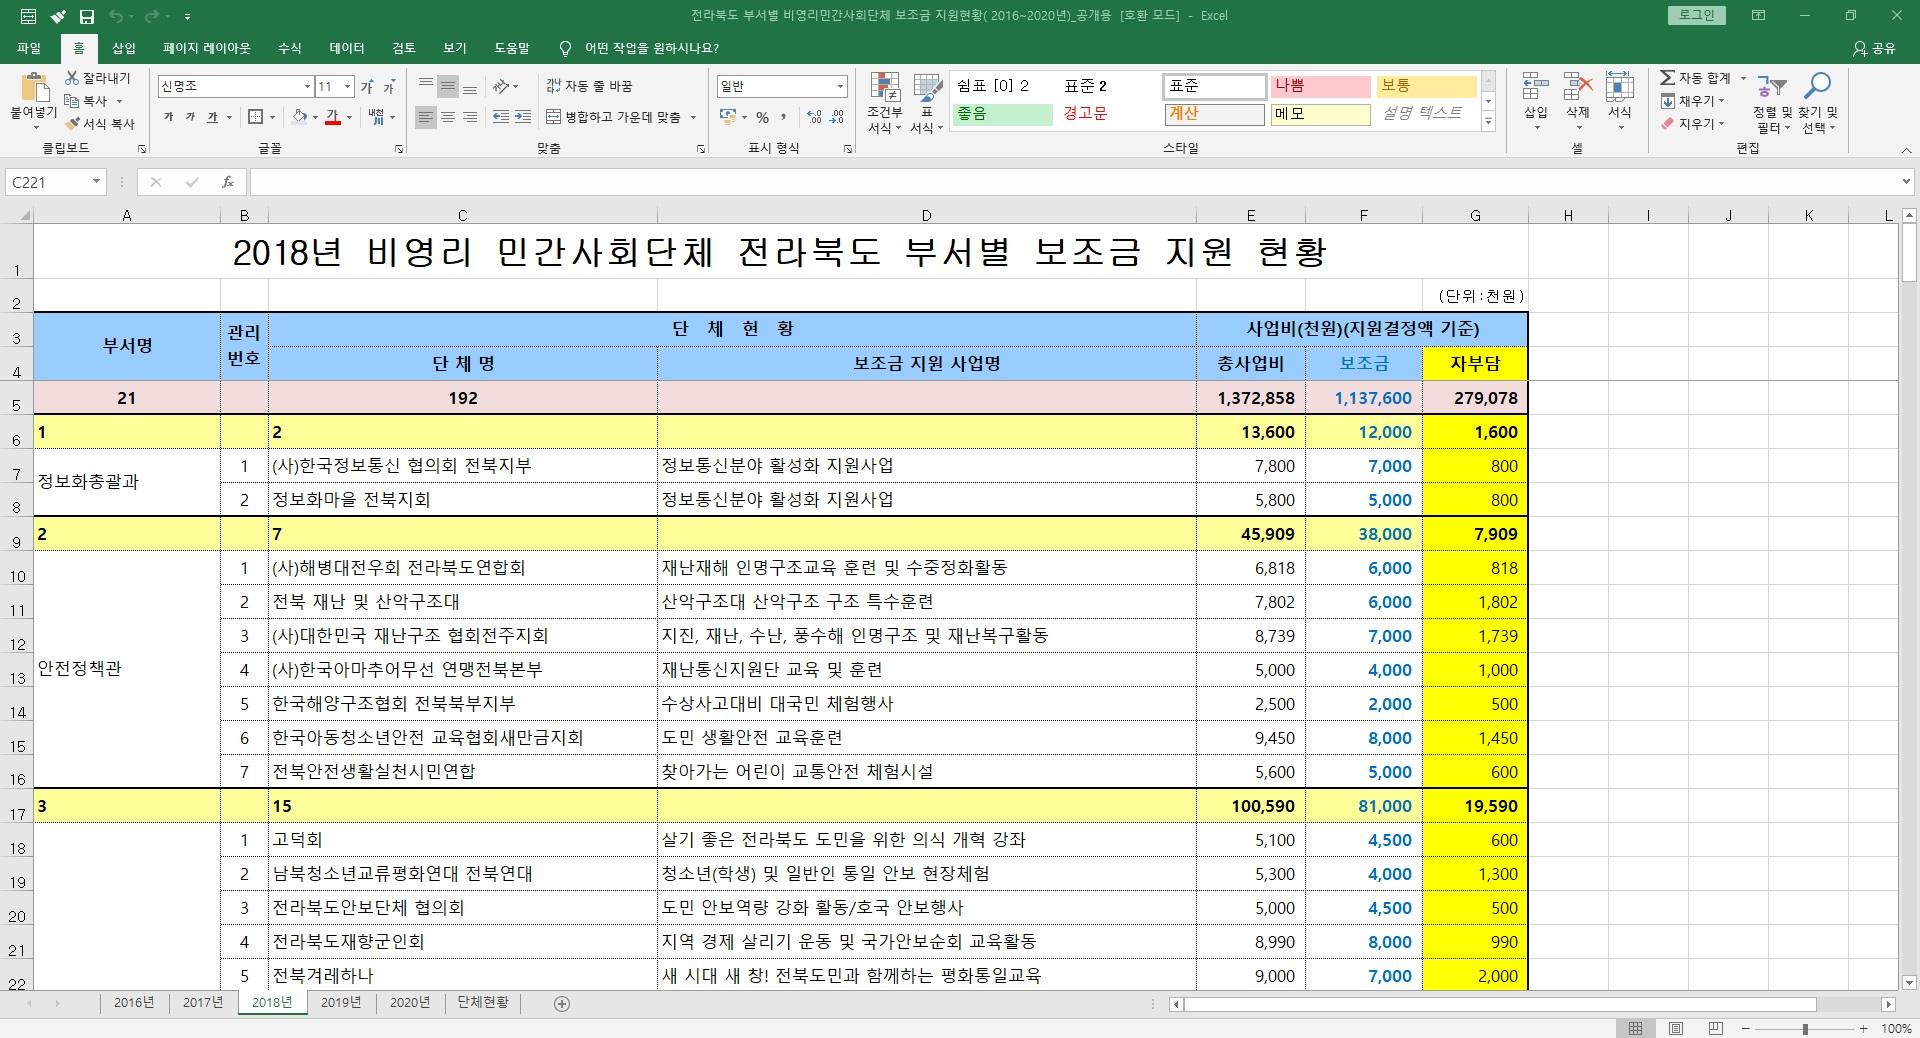 8.28_2018년 전북도 부서별 민간사회단체 보조금 지원현황.jpg